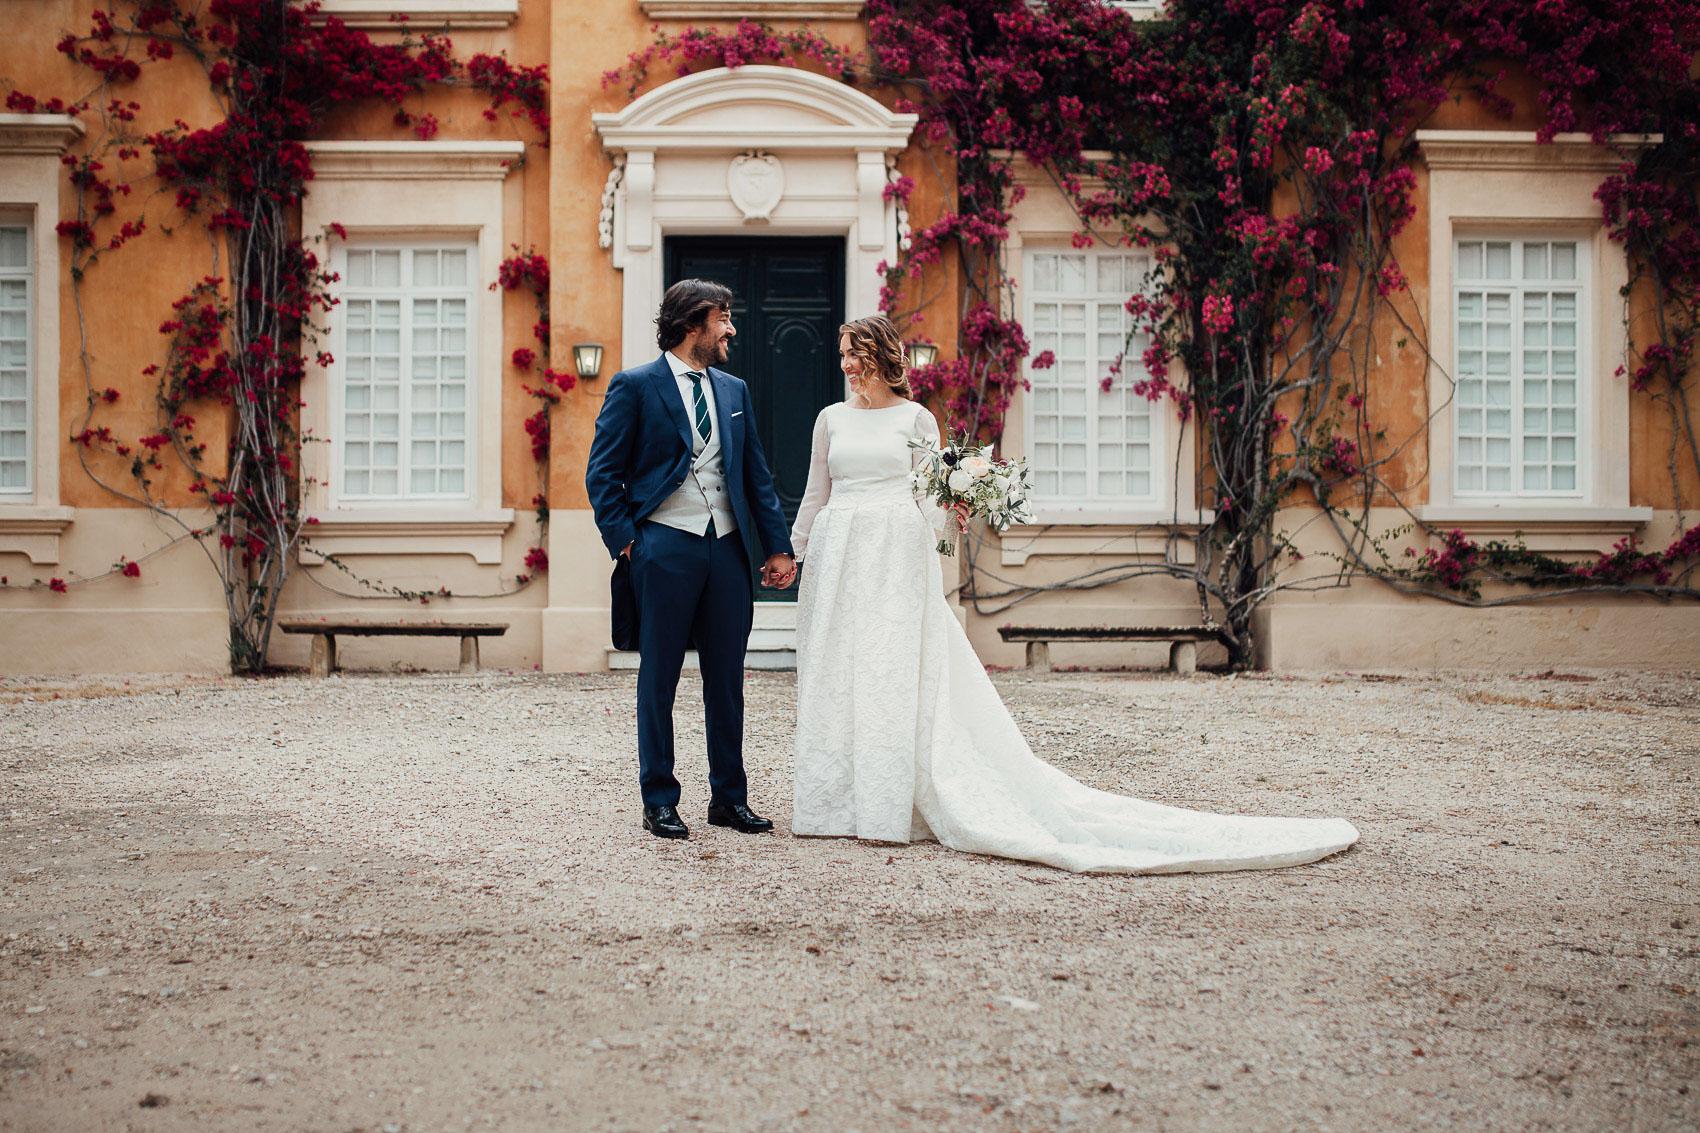 pareja manos unidas mirada exterior fotografia boda flores